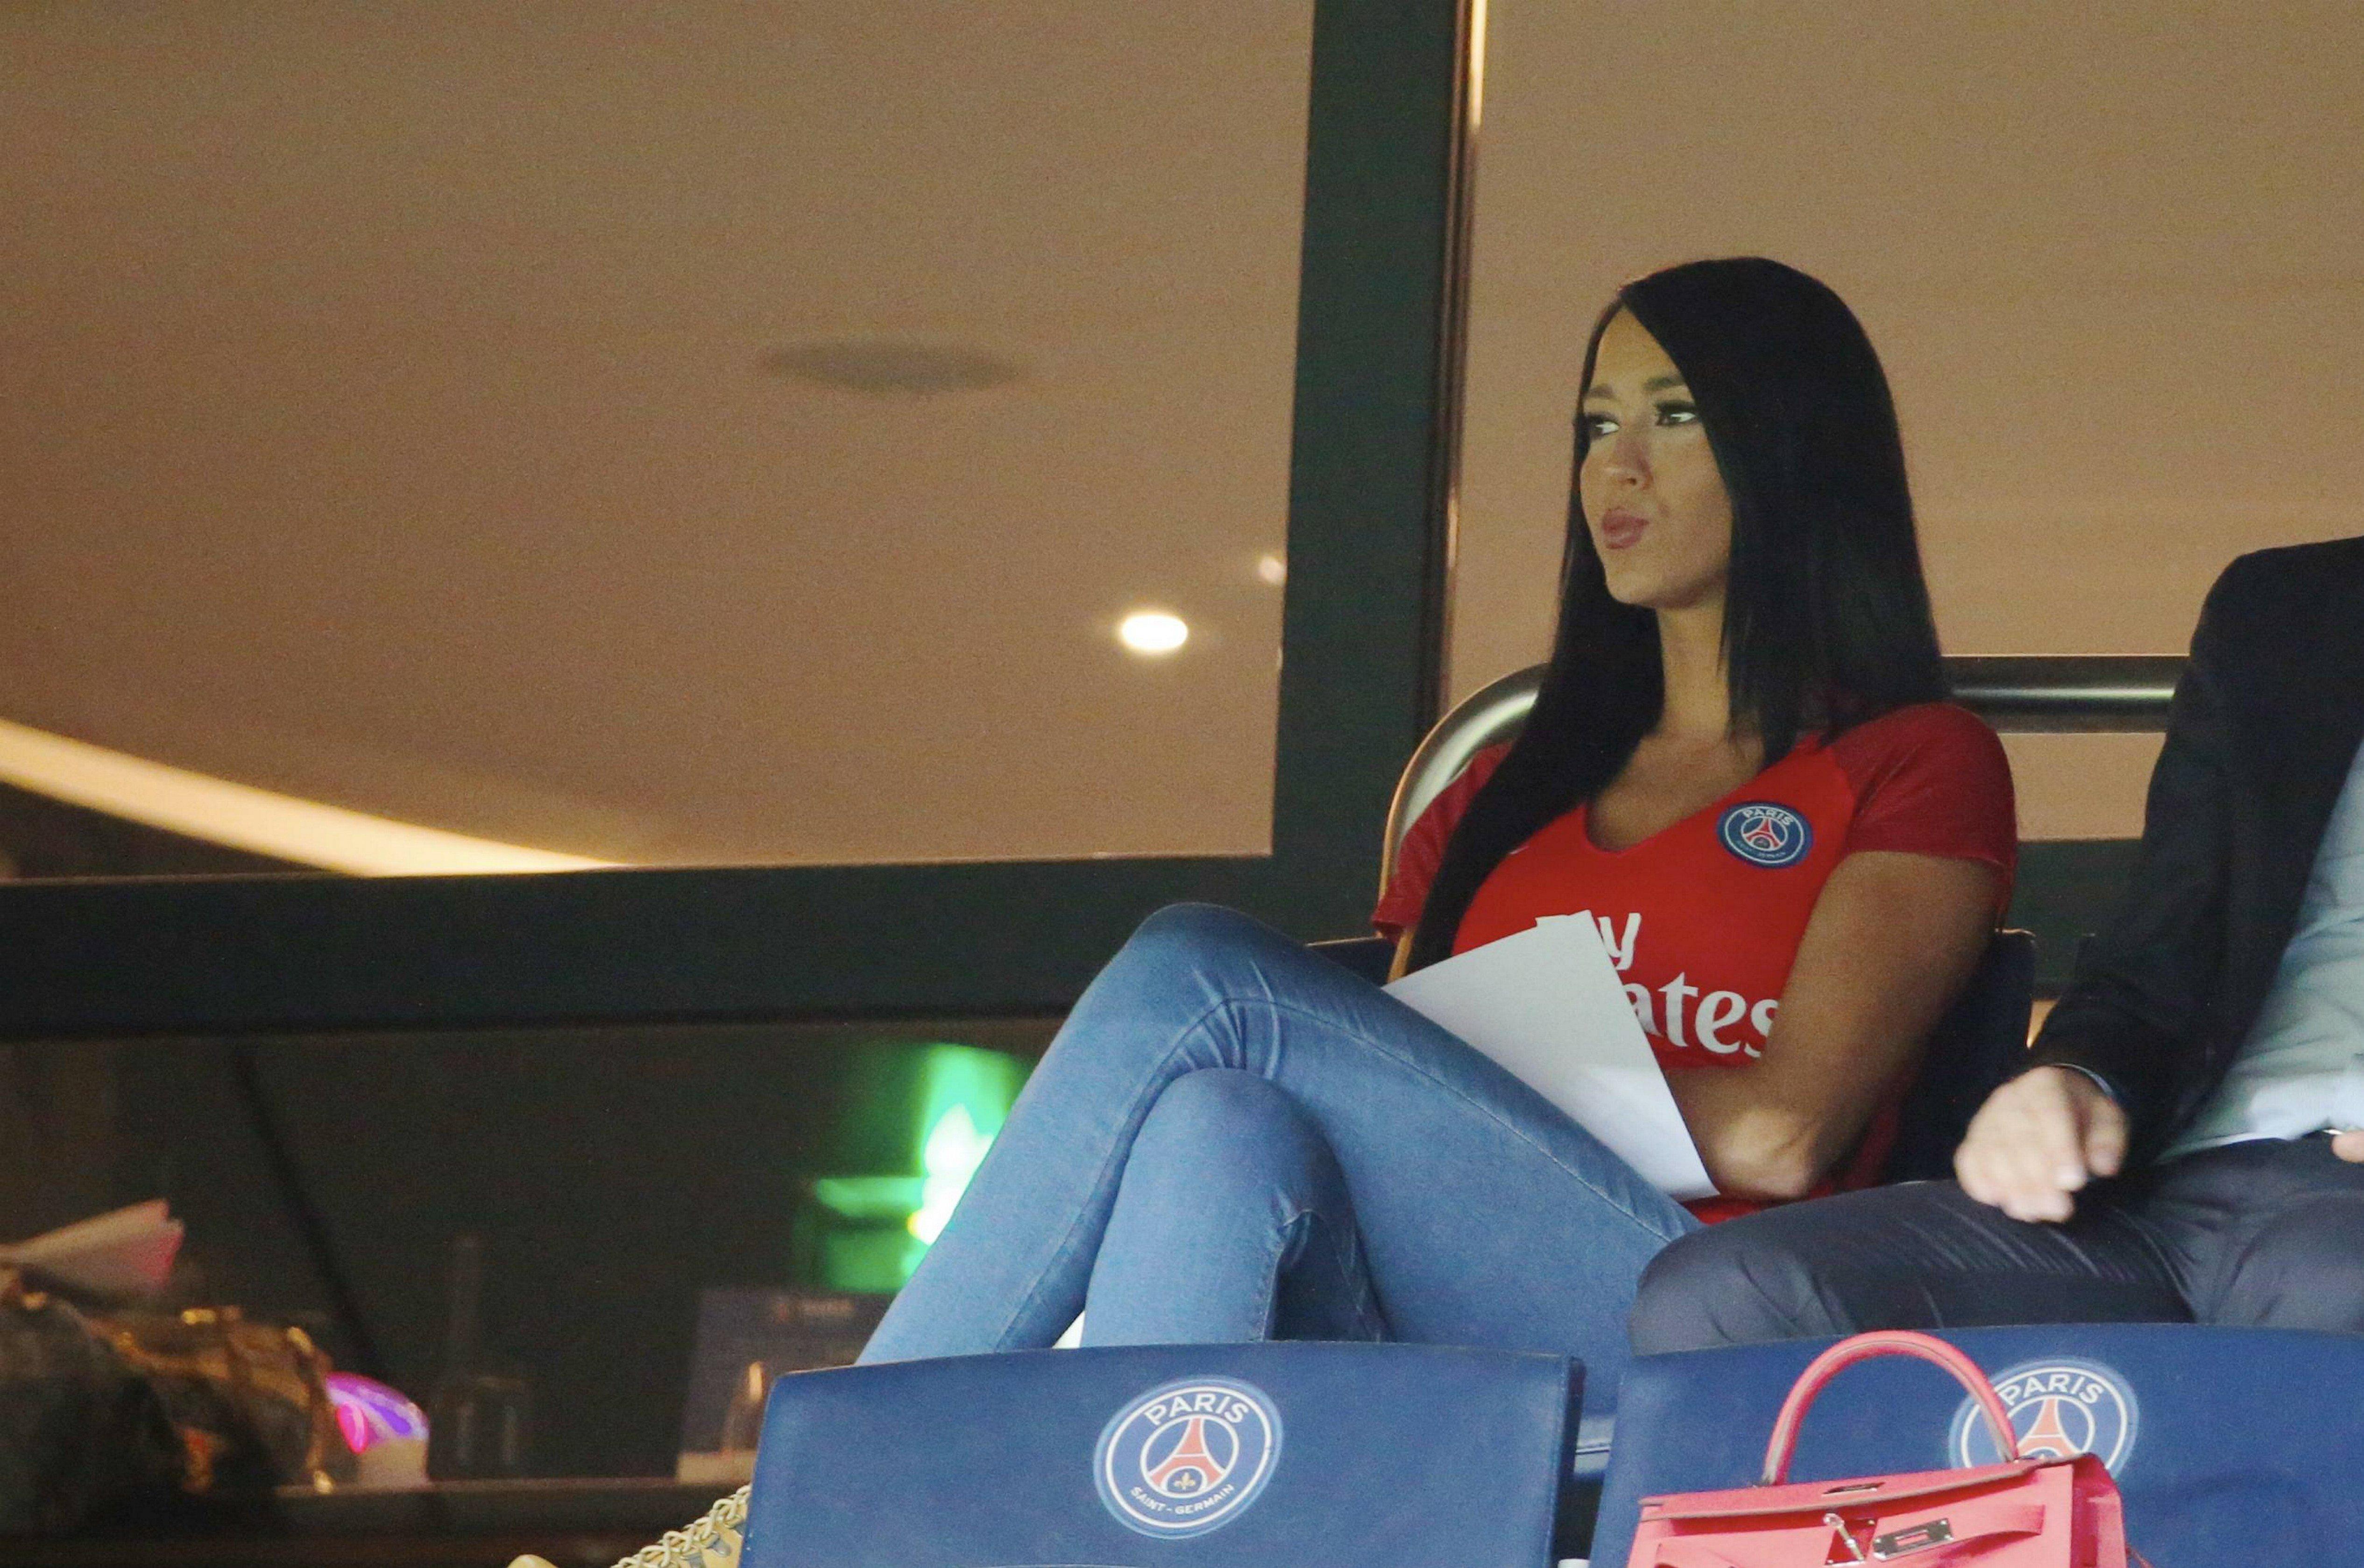 Aurah Ruiz en partido de la Liga 1 de Francia entre el Paris Saint-Germain y el AS Saint-Etienne, en Parc des Prices, París, Francia, en septiembre de 2016 || Fuente: Getty Images